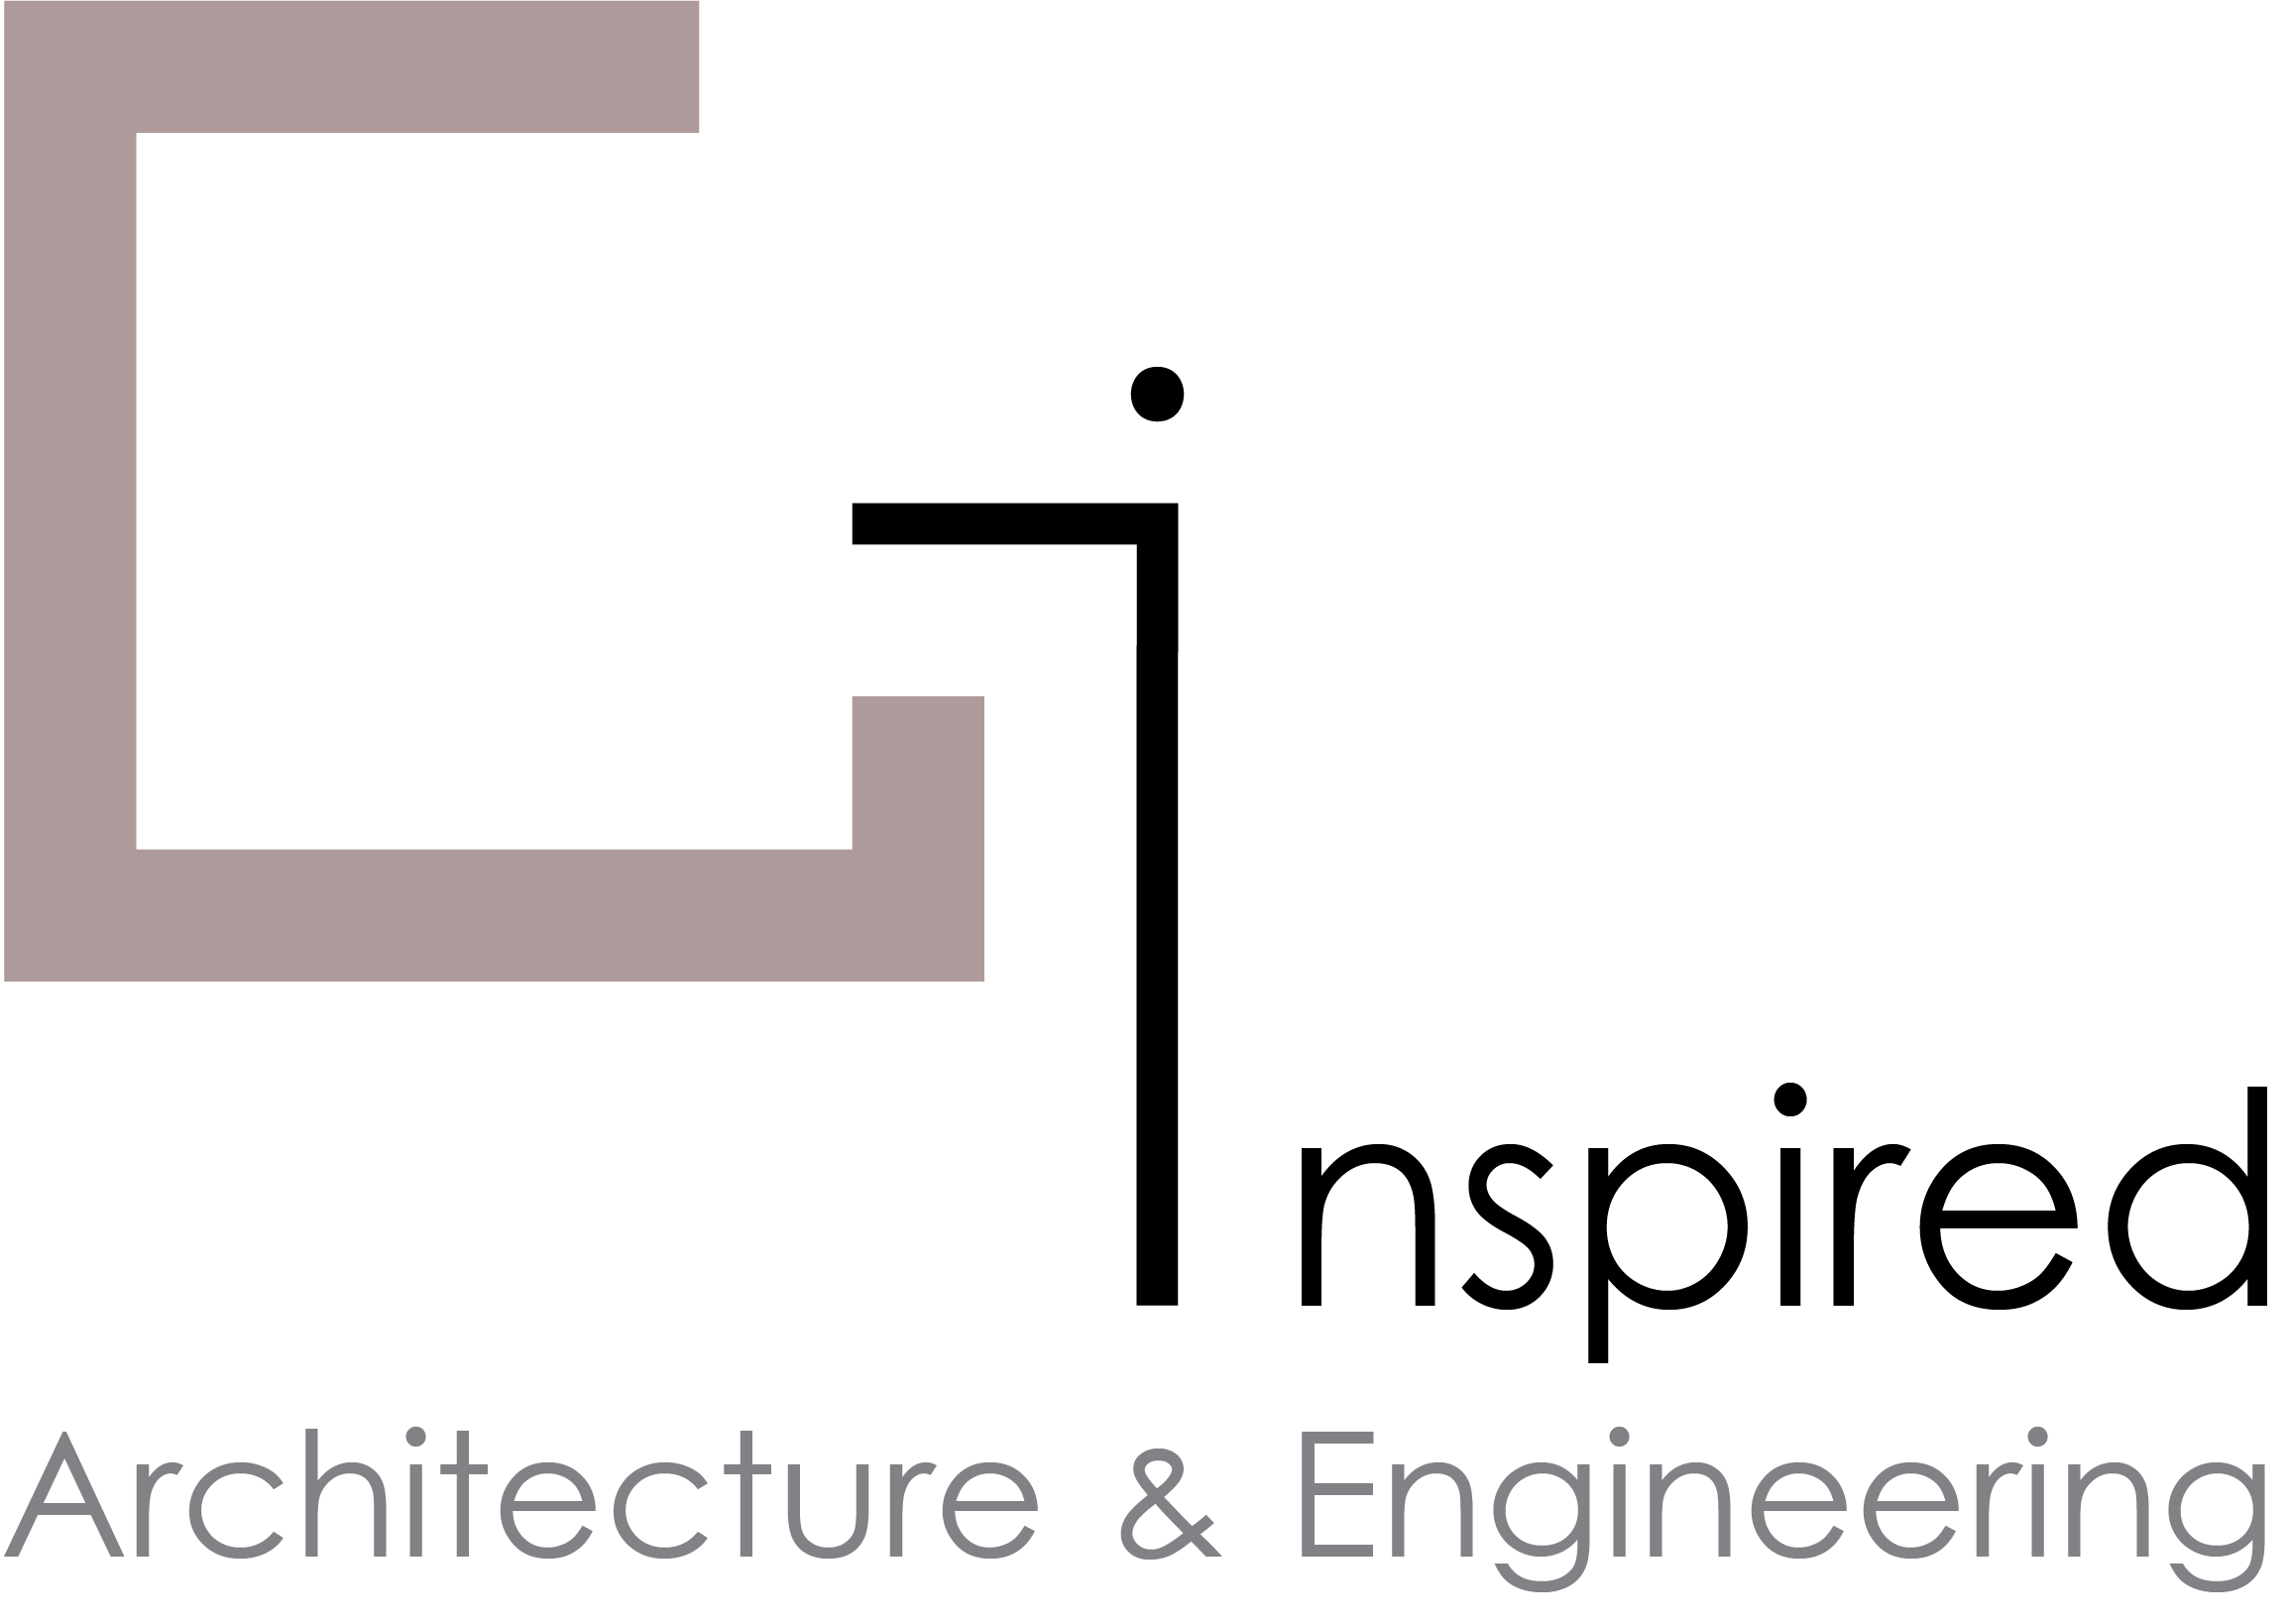 Ginspired logo